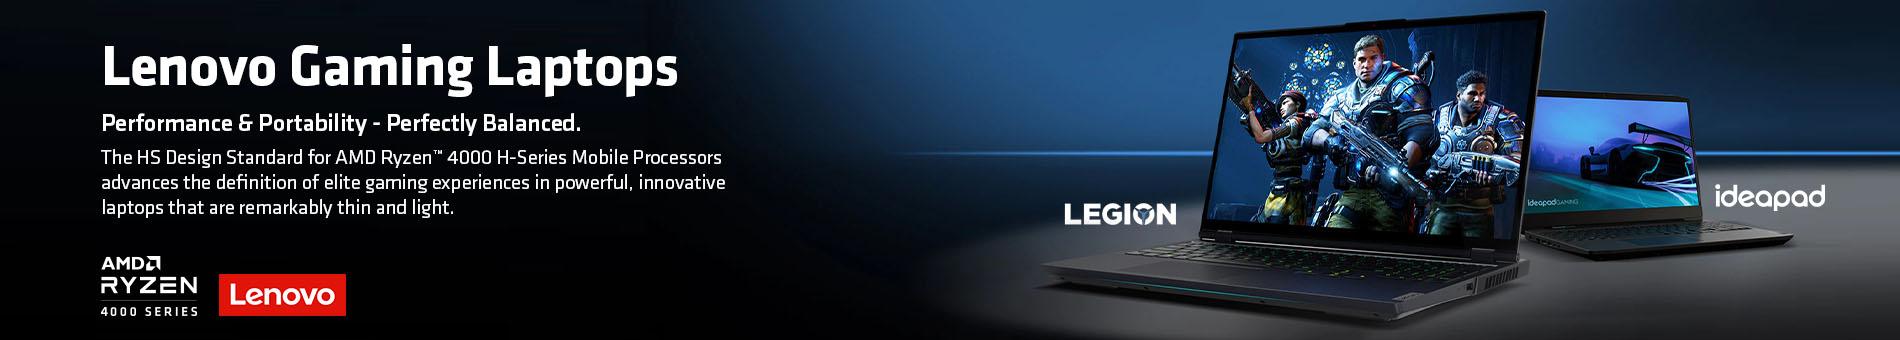 Lenovogaminglaptops AMDcpu 02.08.21banner New